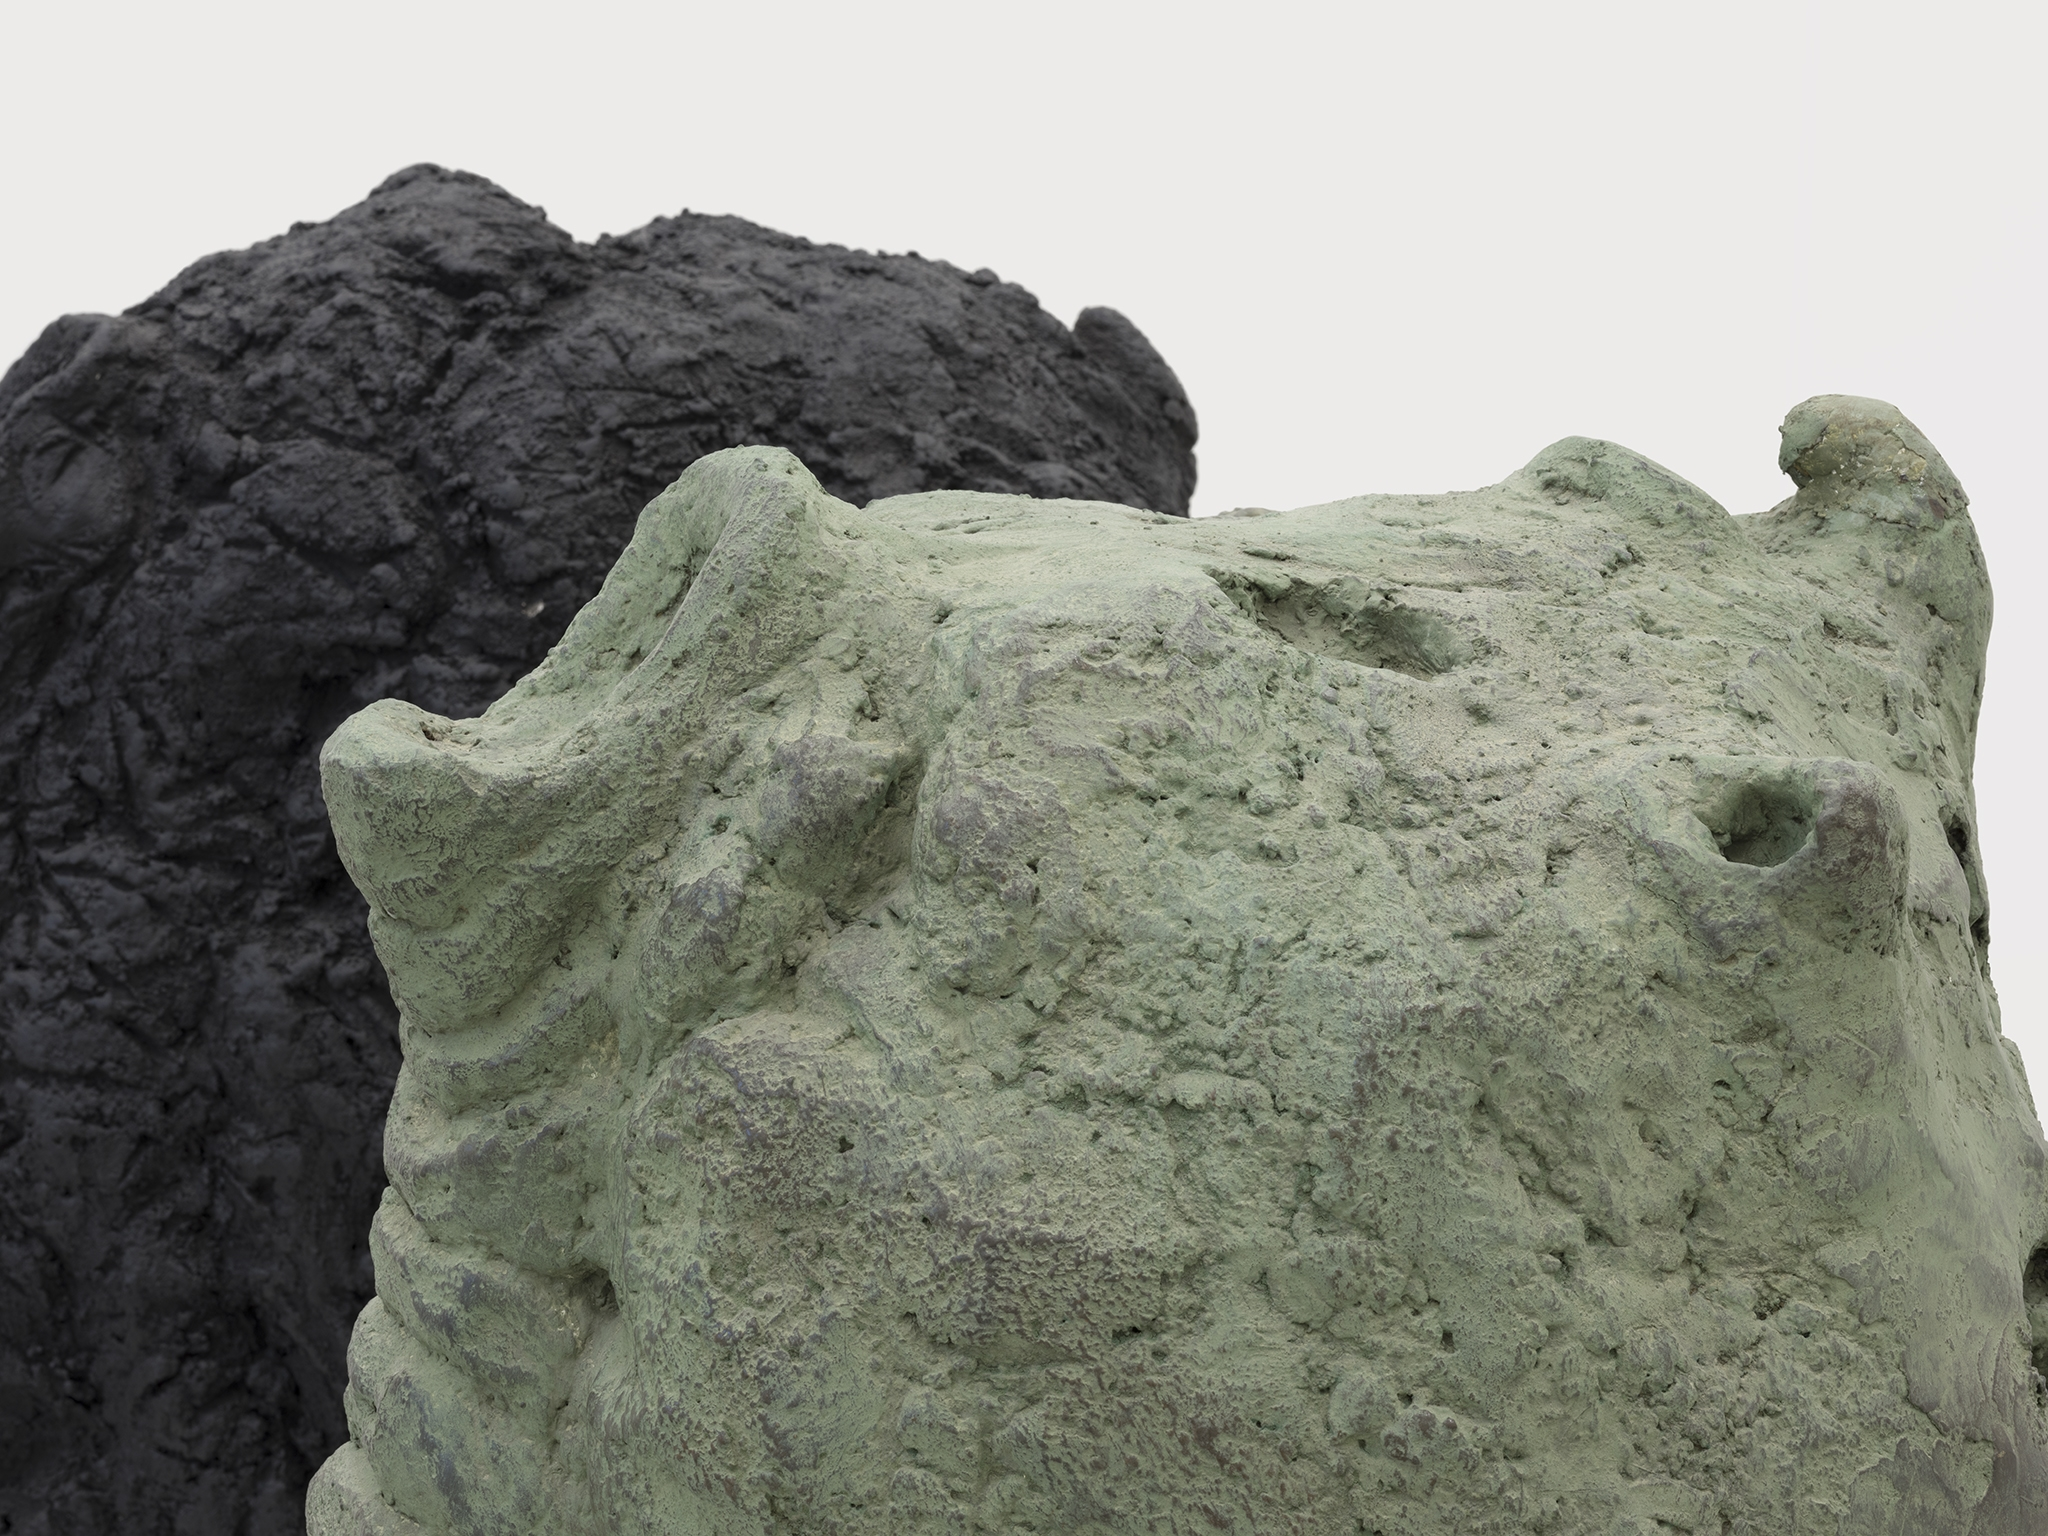 Valérie Blass, Éléphant en vert et noir (detail), 2005, cement, plaster, leather, 46 x 71 x 41 in. (117 x 180 x 104 cm) by